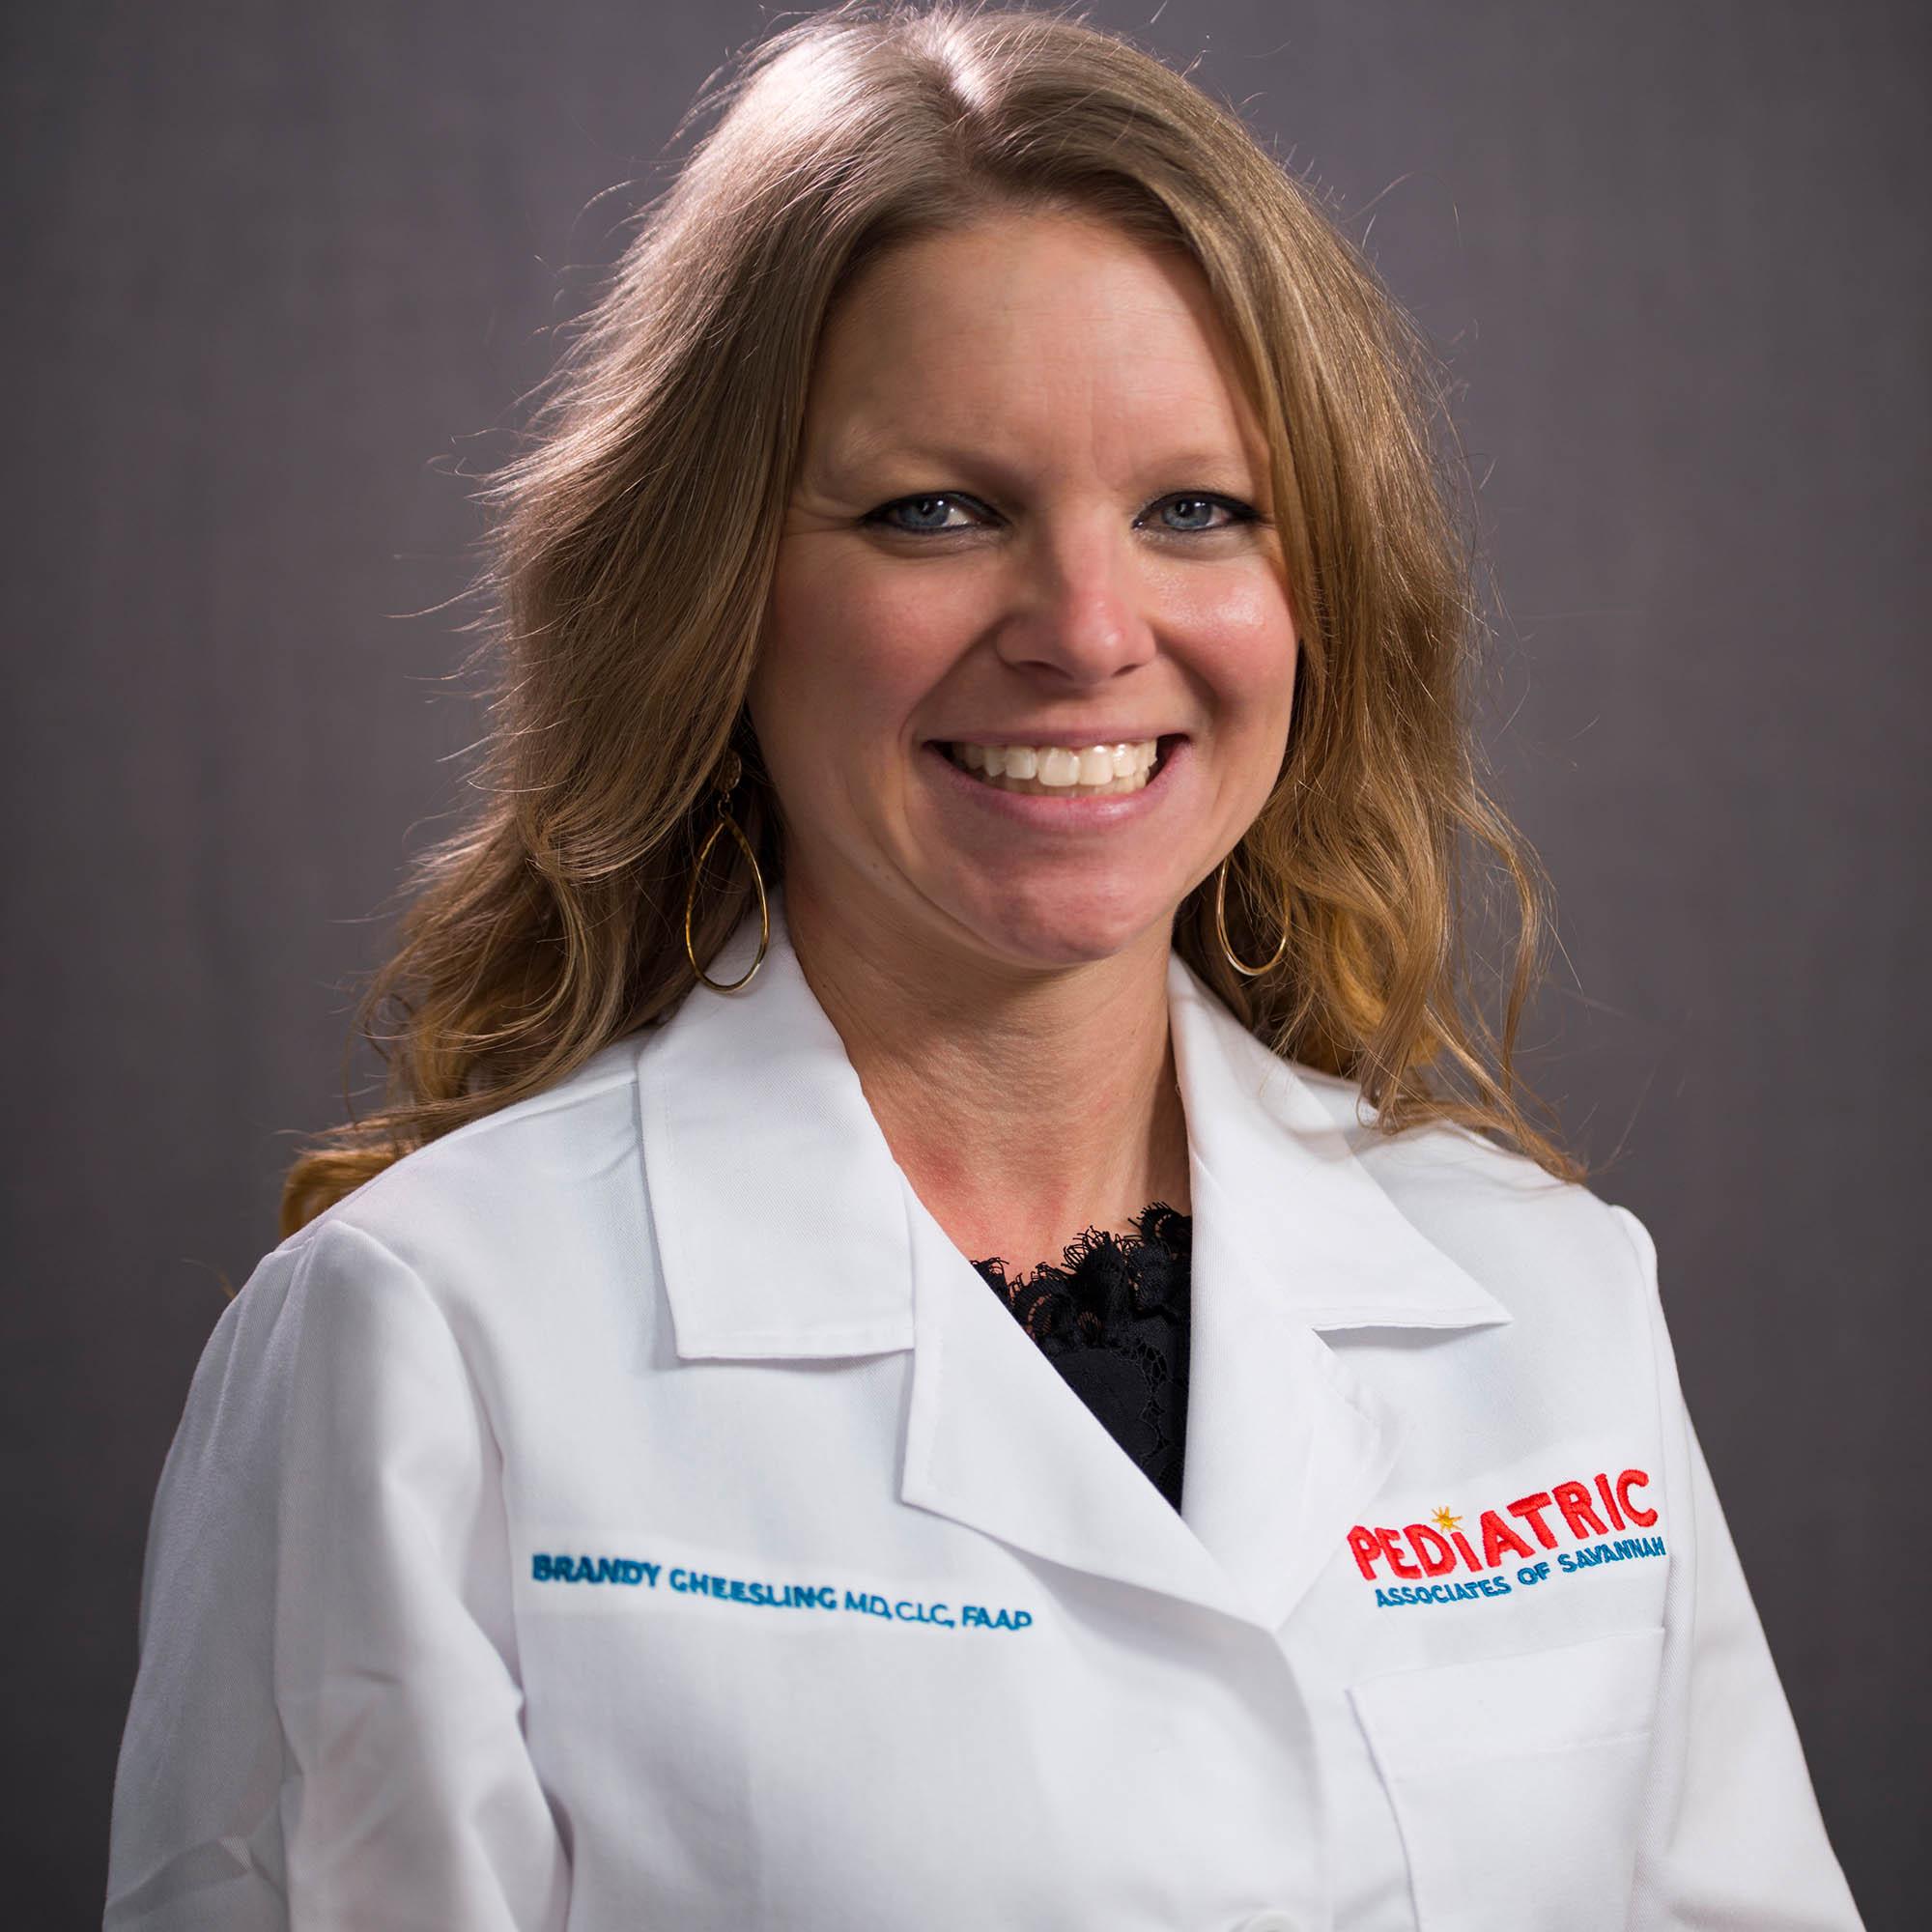 Dr. Brandy Gheesling